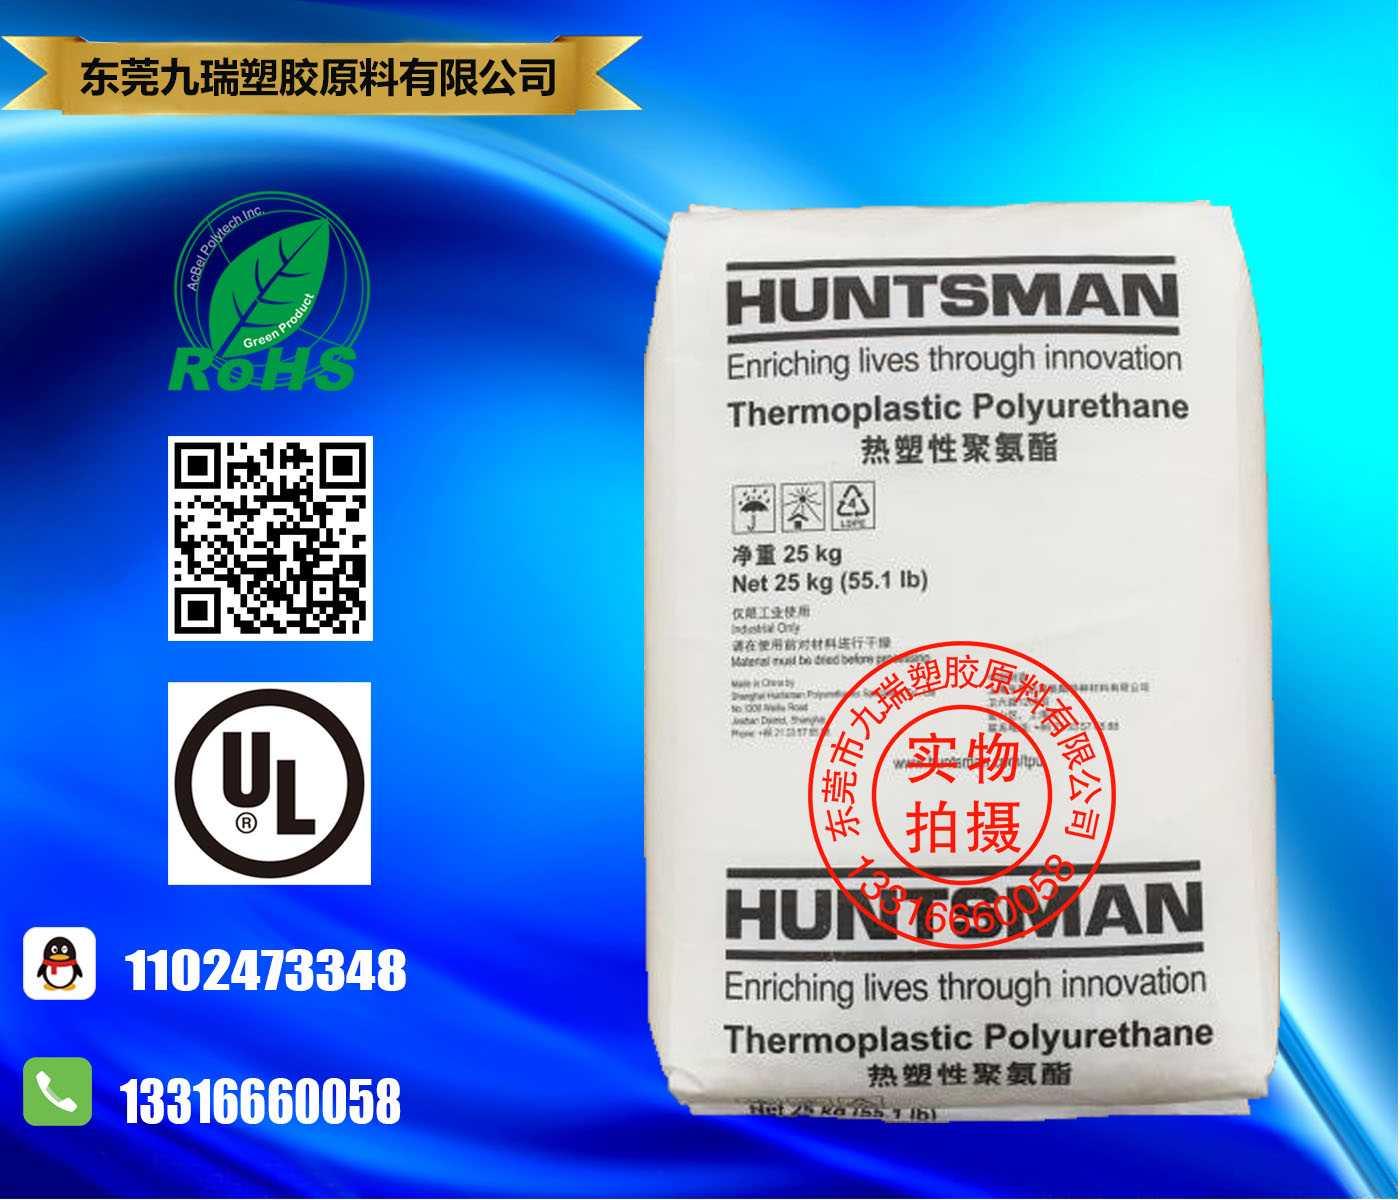 亨斯迈TPU IROSTIC S 6148-14T汉高胶粘剂专用聚氨酯